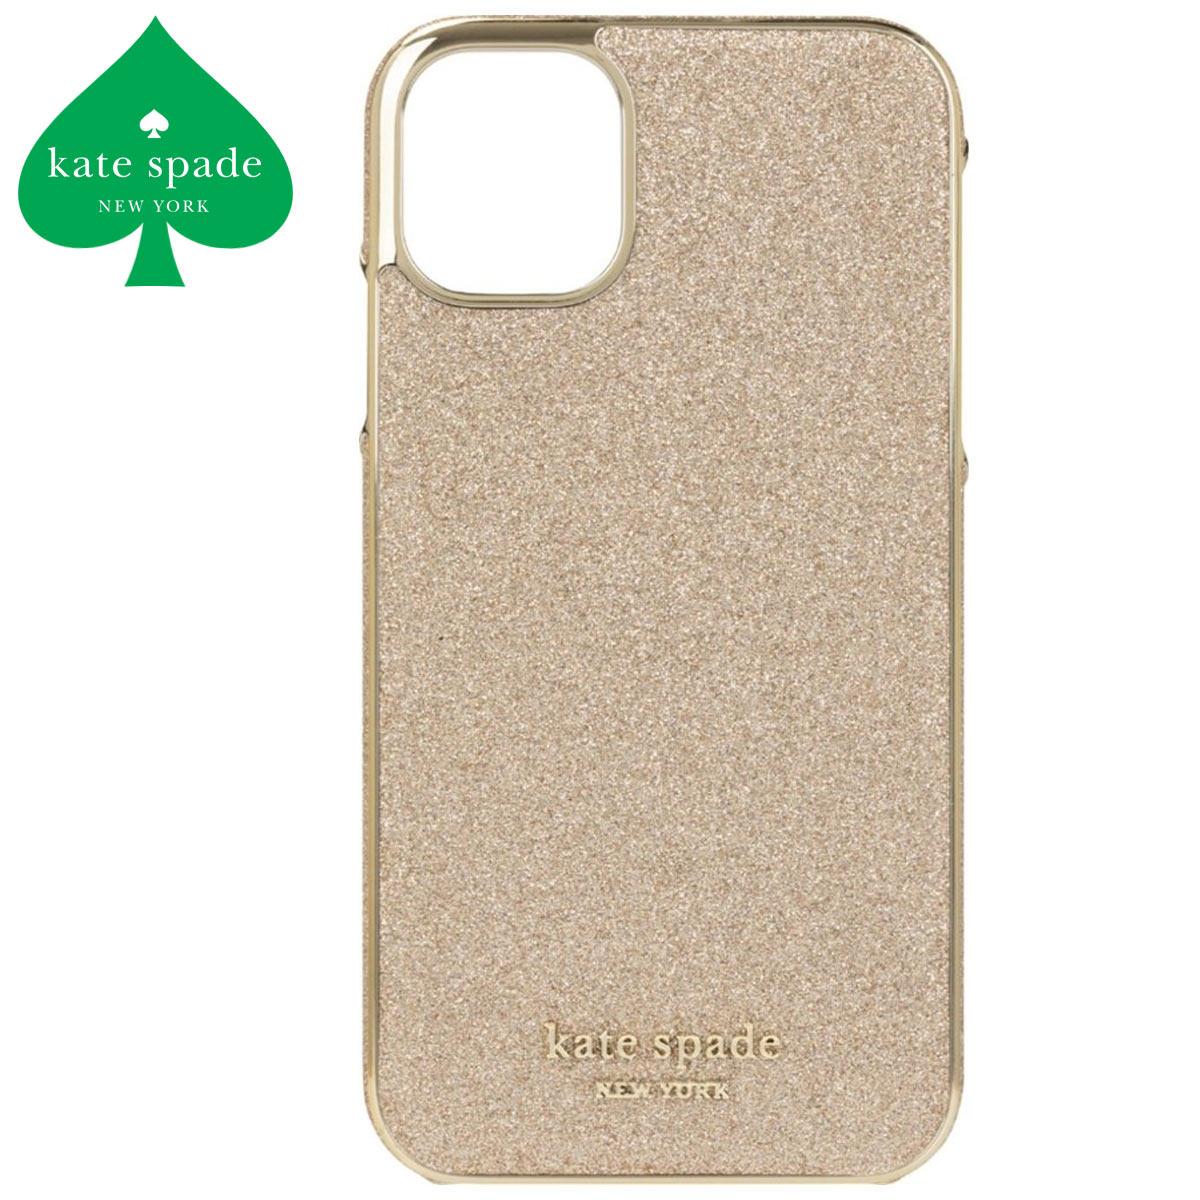 ケイトスペード iphone11 ケース ゴールド おしゃれ かわいい グリッター ブランド スマホケース iphone11 Kate spade